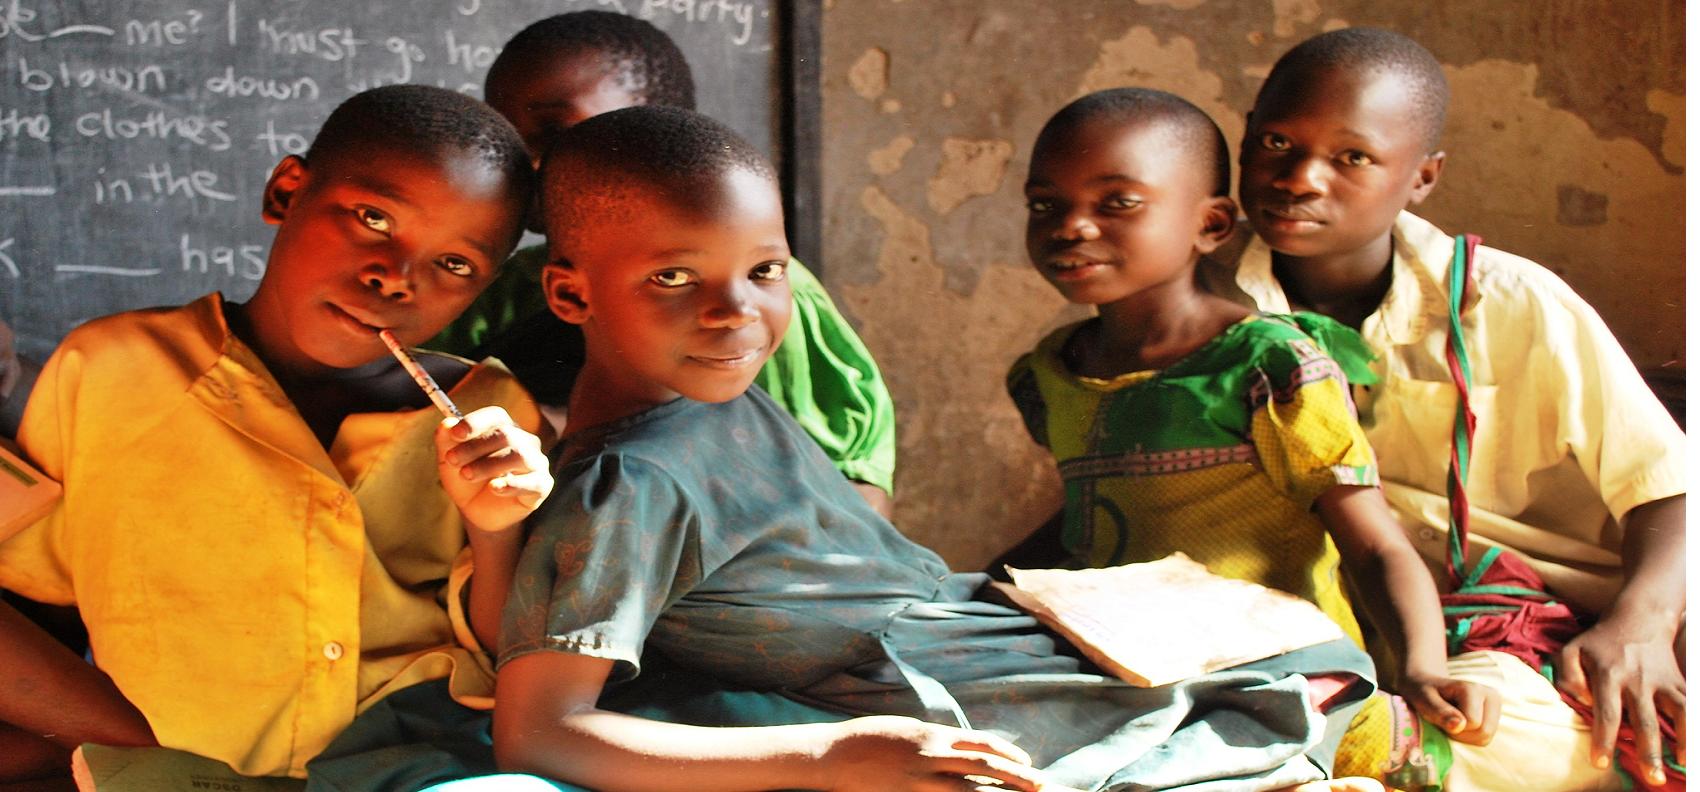 classroom in Africa, school in uganda